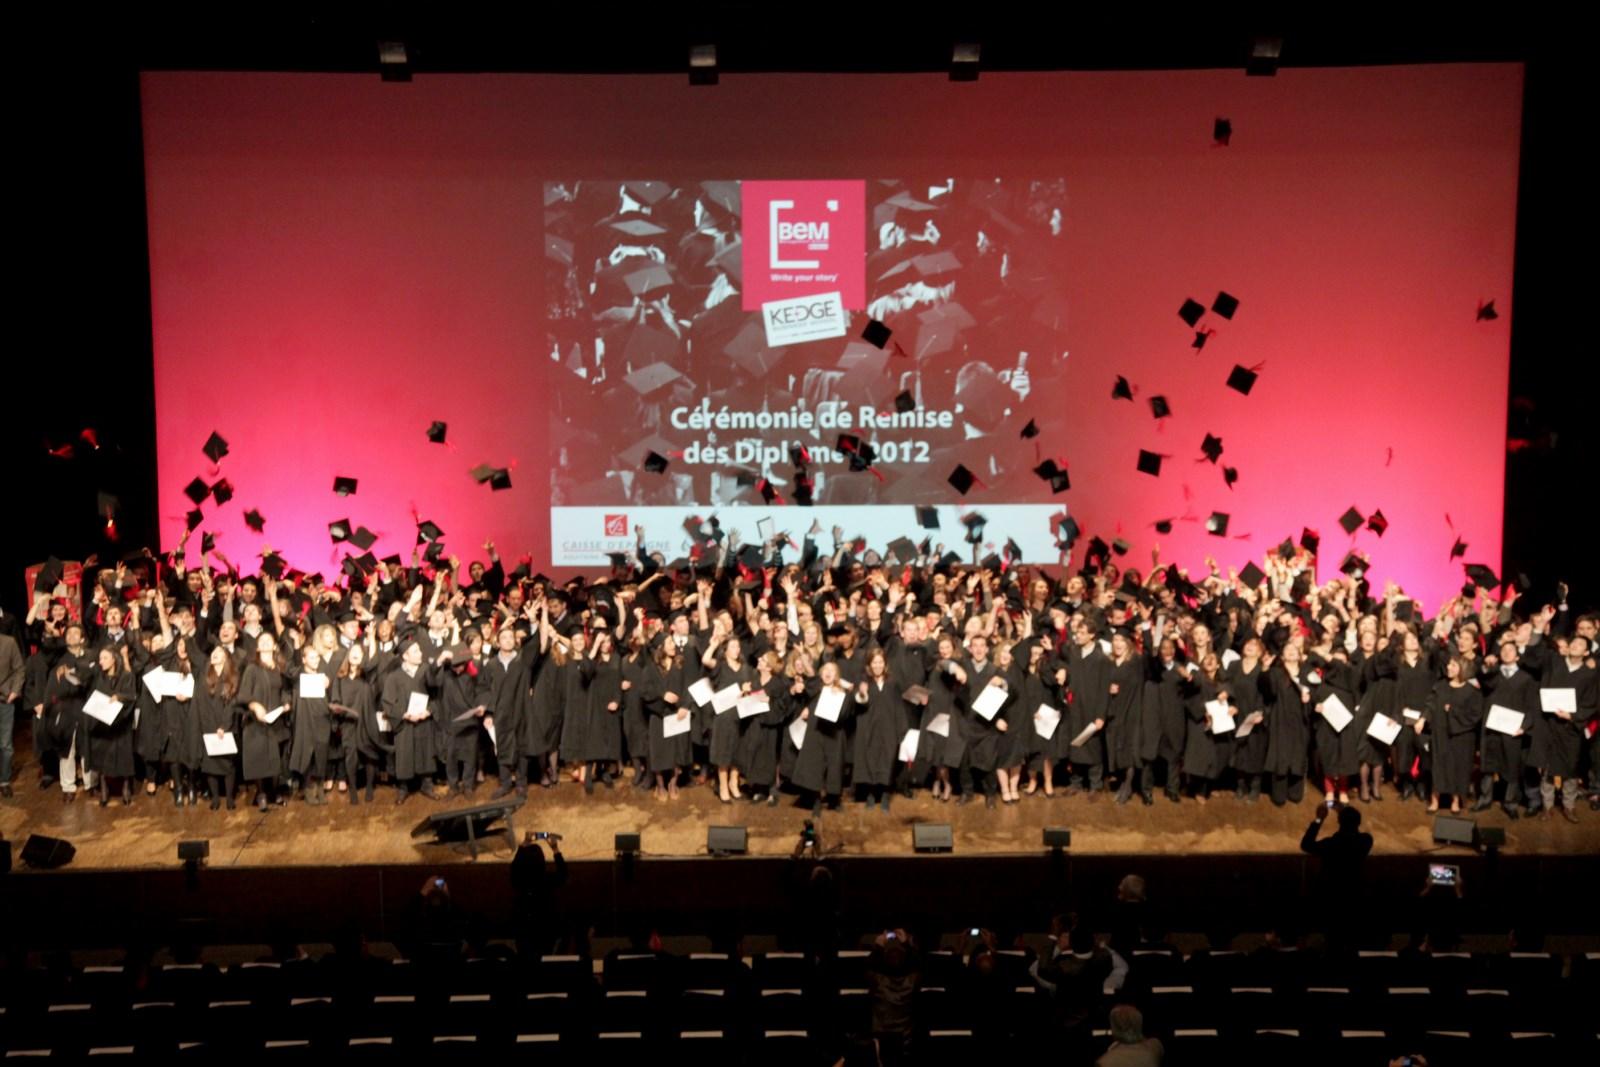 Remise de diplôme Grandes écoles